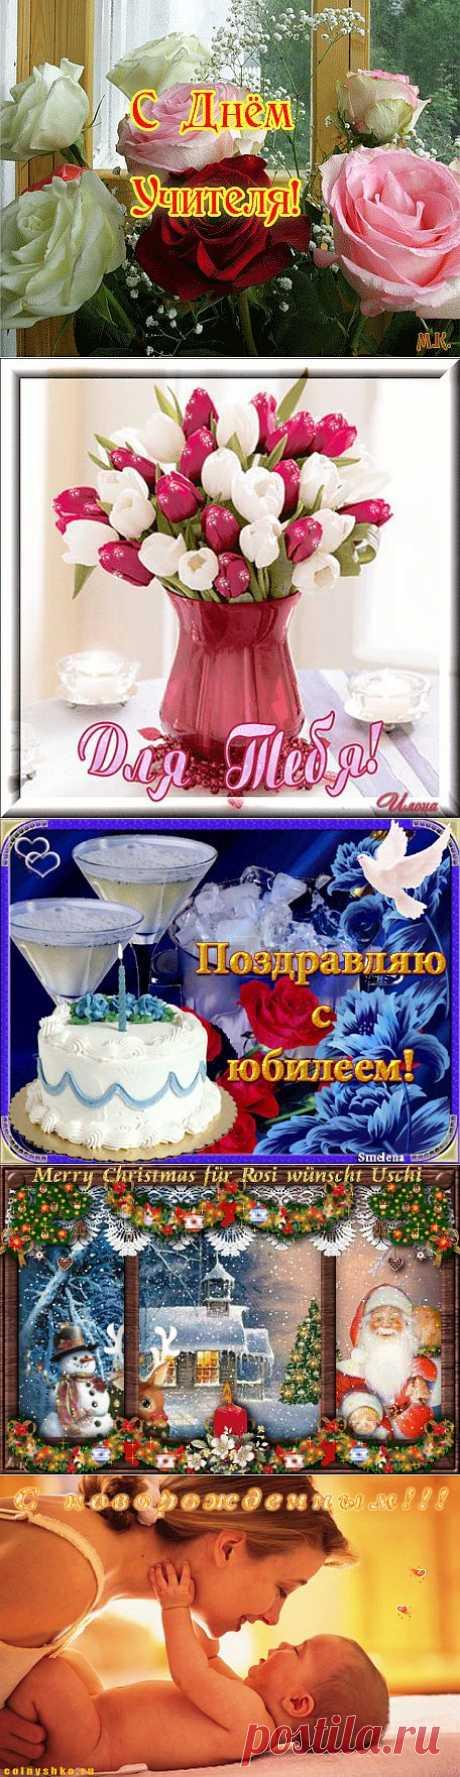 Анимации поздравления фото: 913 тыс изображений найдено в Яндекс.Картинках